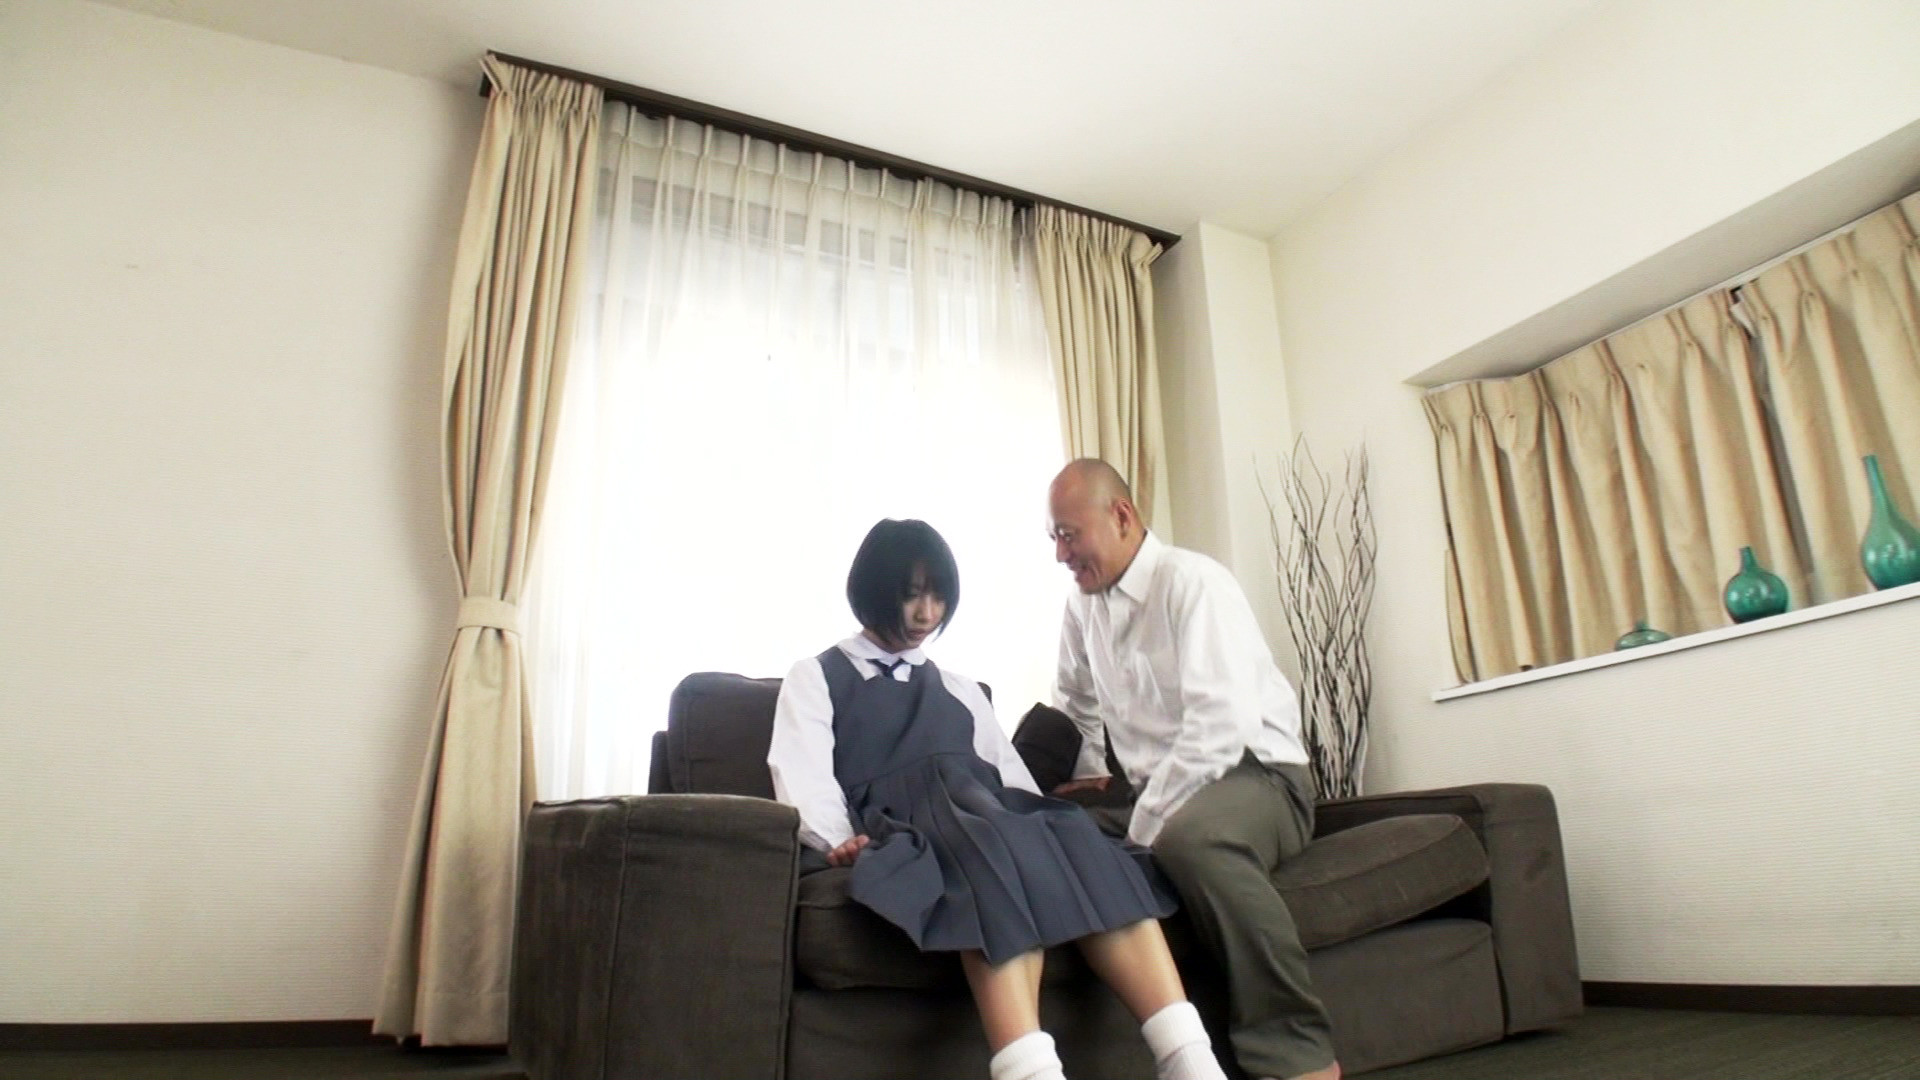 美少女の幼いカラダはオヤジに性戯を仕込まれて大人のカラダにさせられるのです・・・。